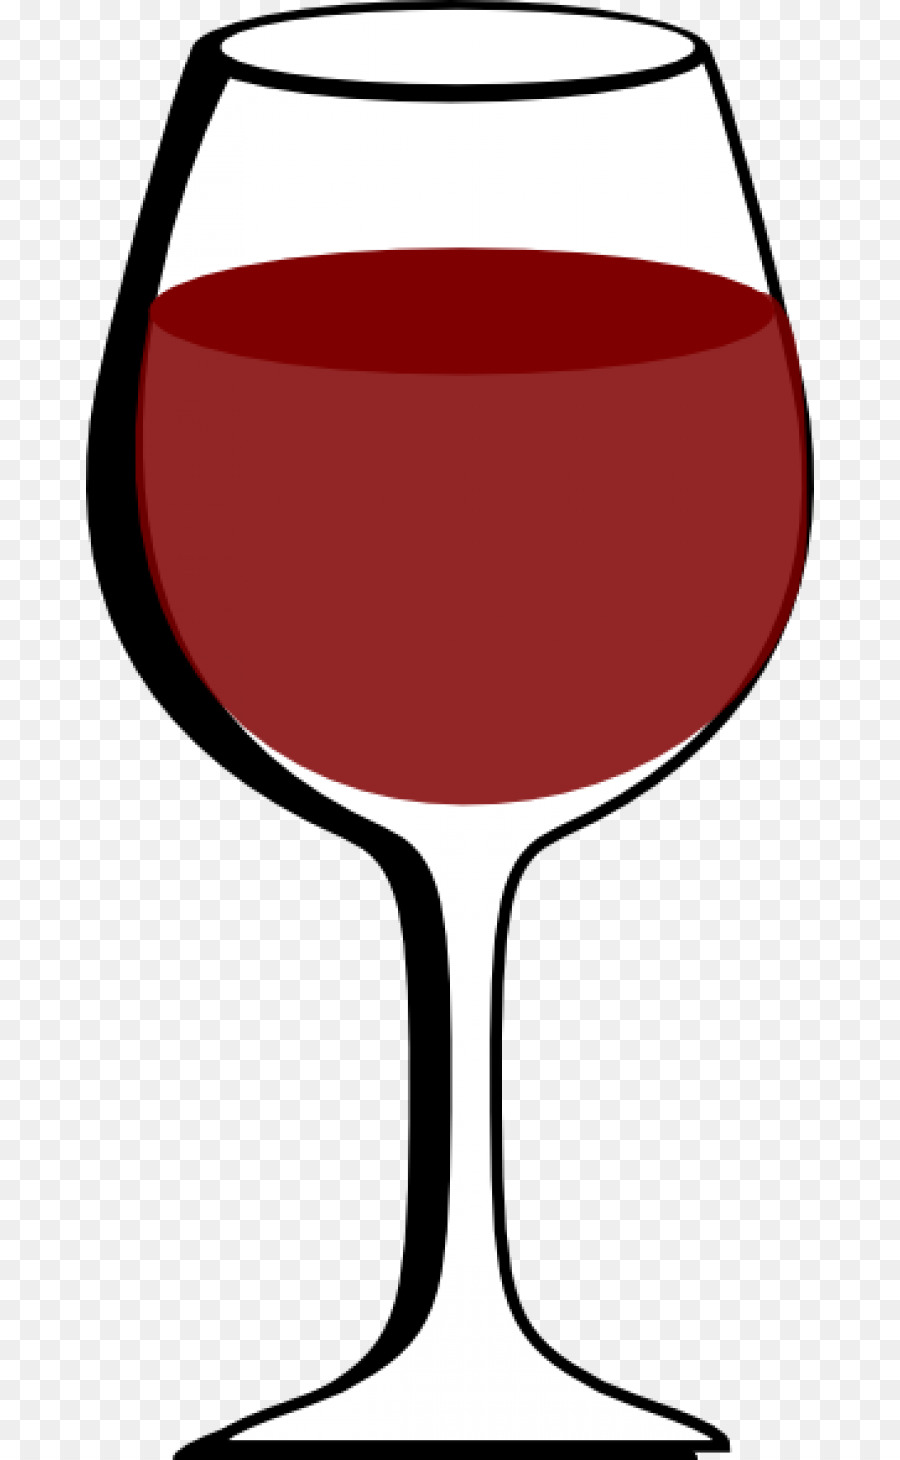 bicchiere di vino immagini grafiche vettoriali clipart  -vc014625-CoolCLIPS.com